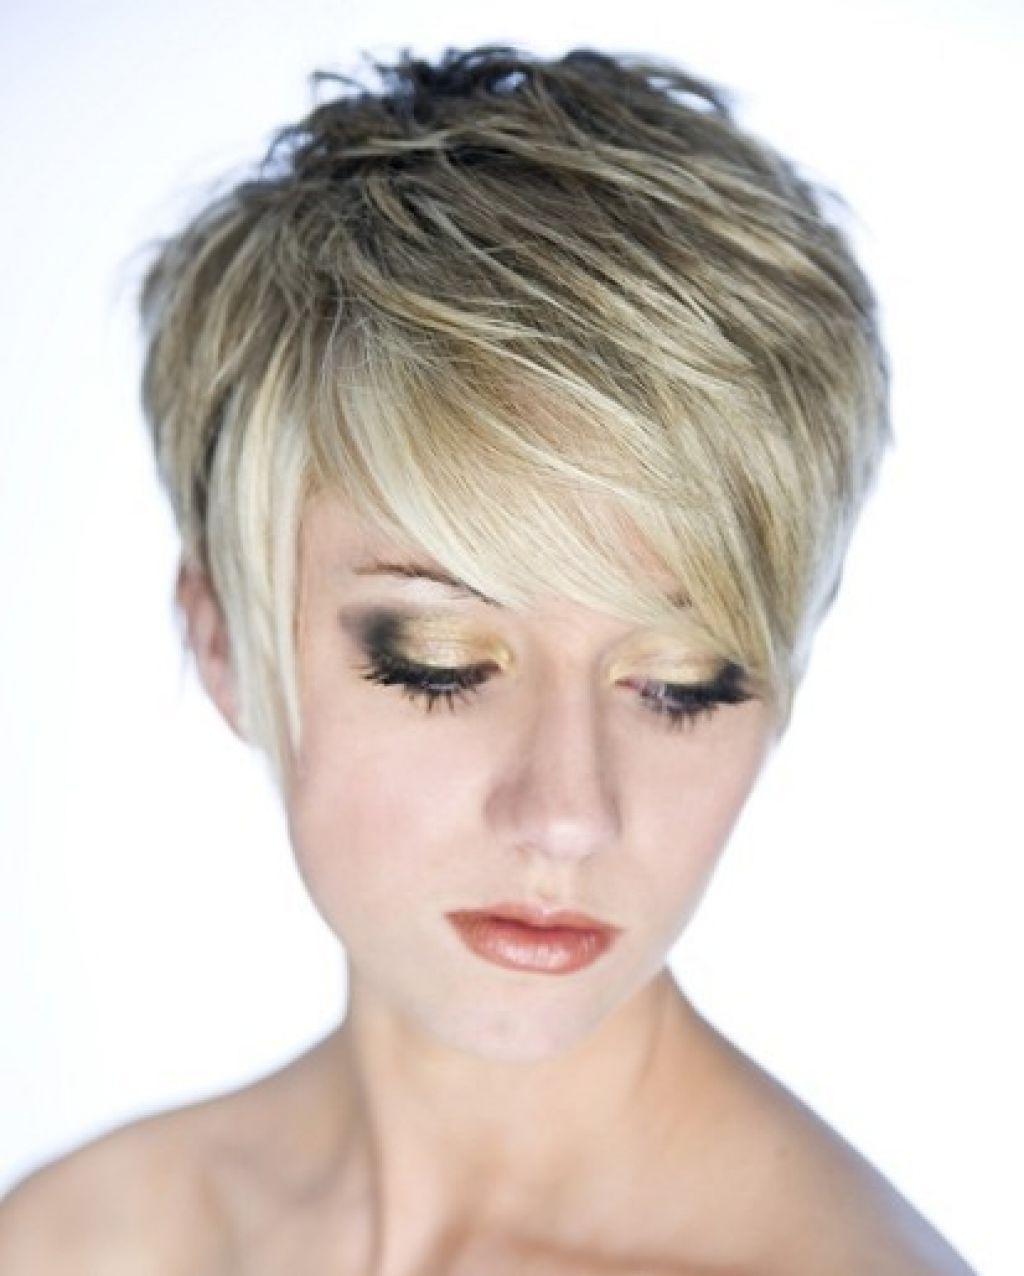 image60-1 | Модные женские стрижки на короткие волосы: основные правила и варианты исполнения